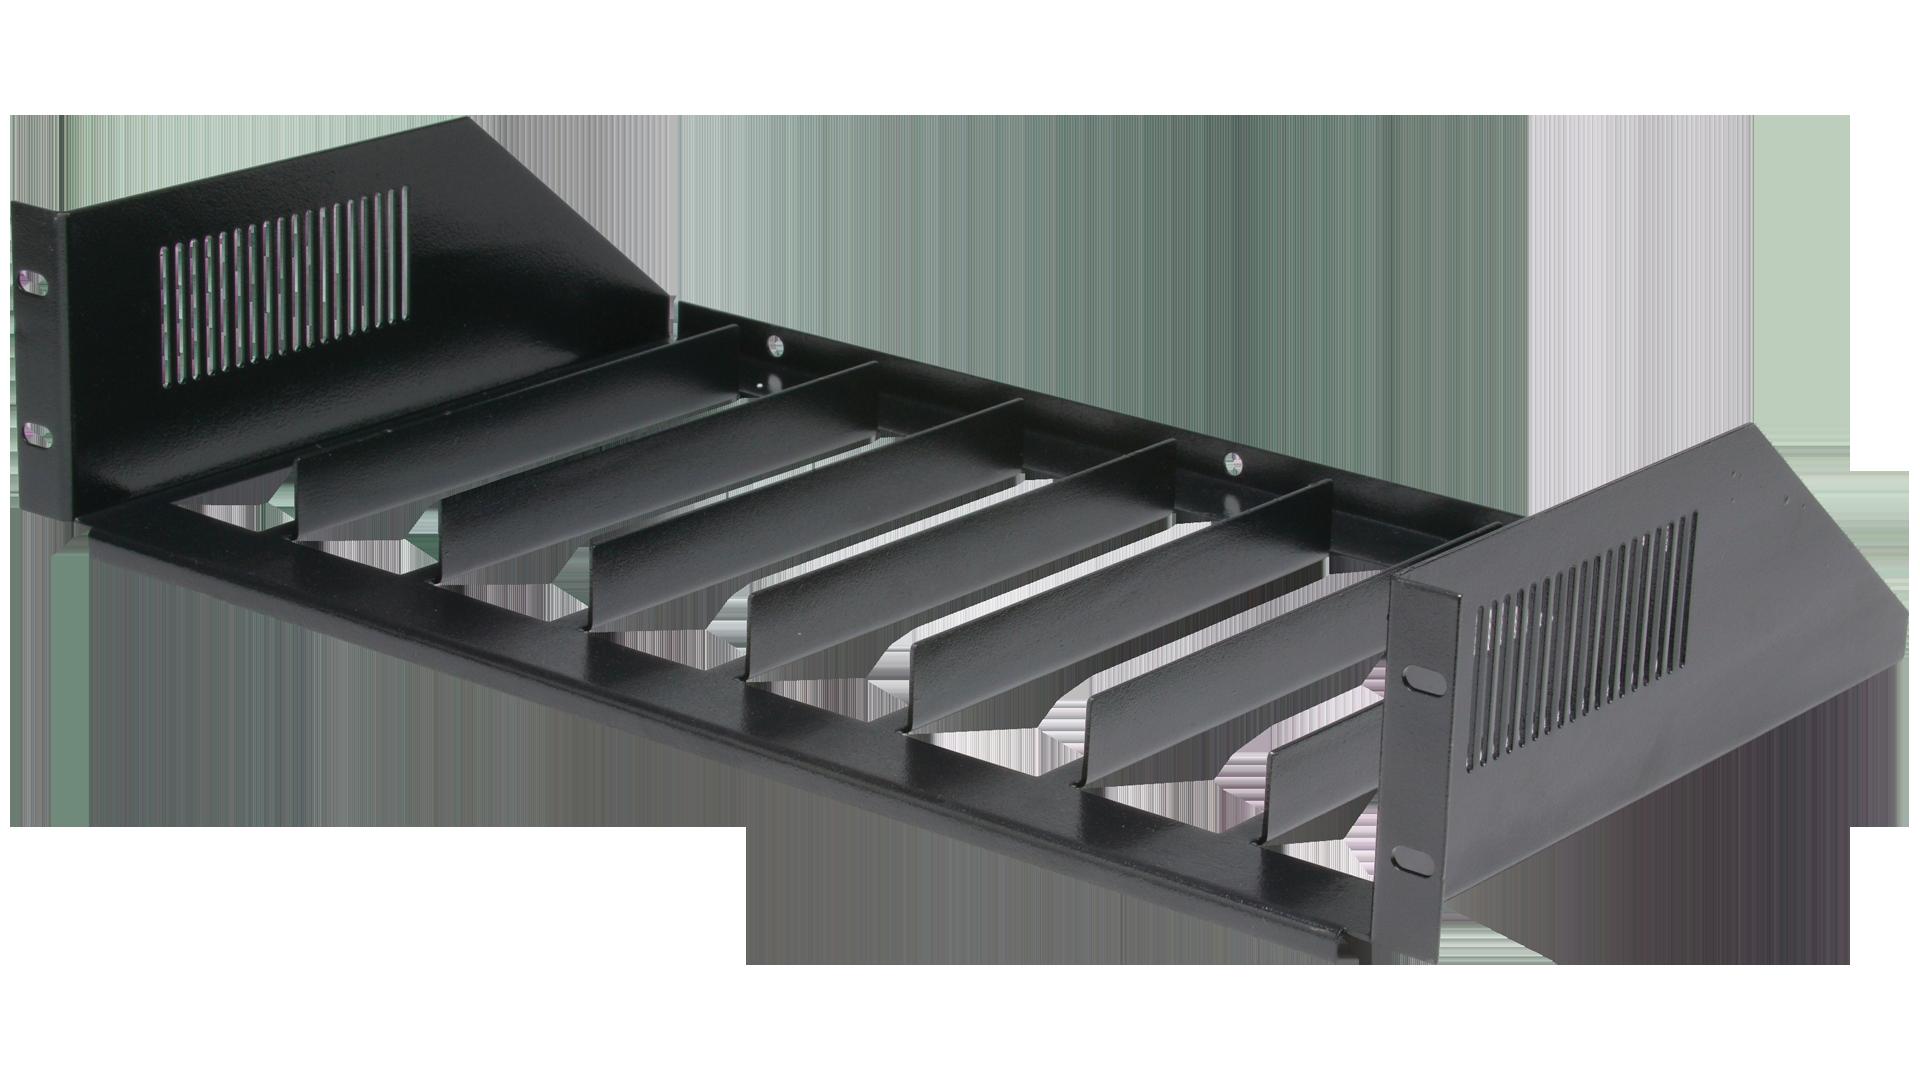 MOR-S8: Rack Mount Vertical Shelves